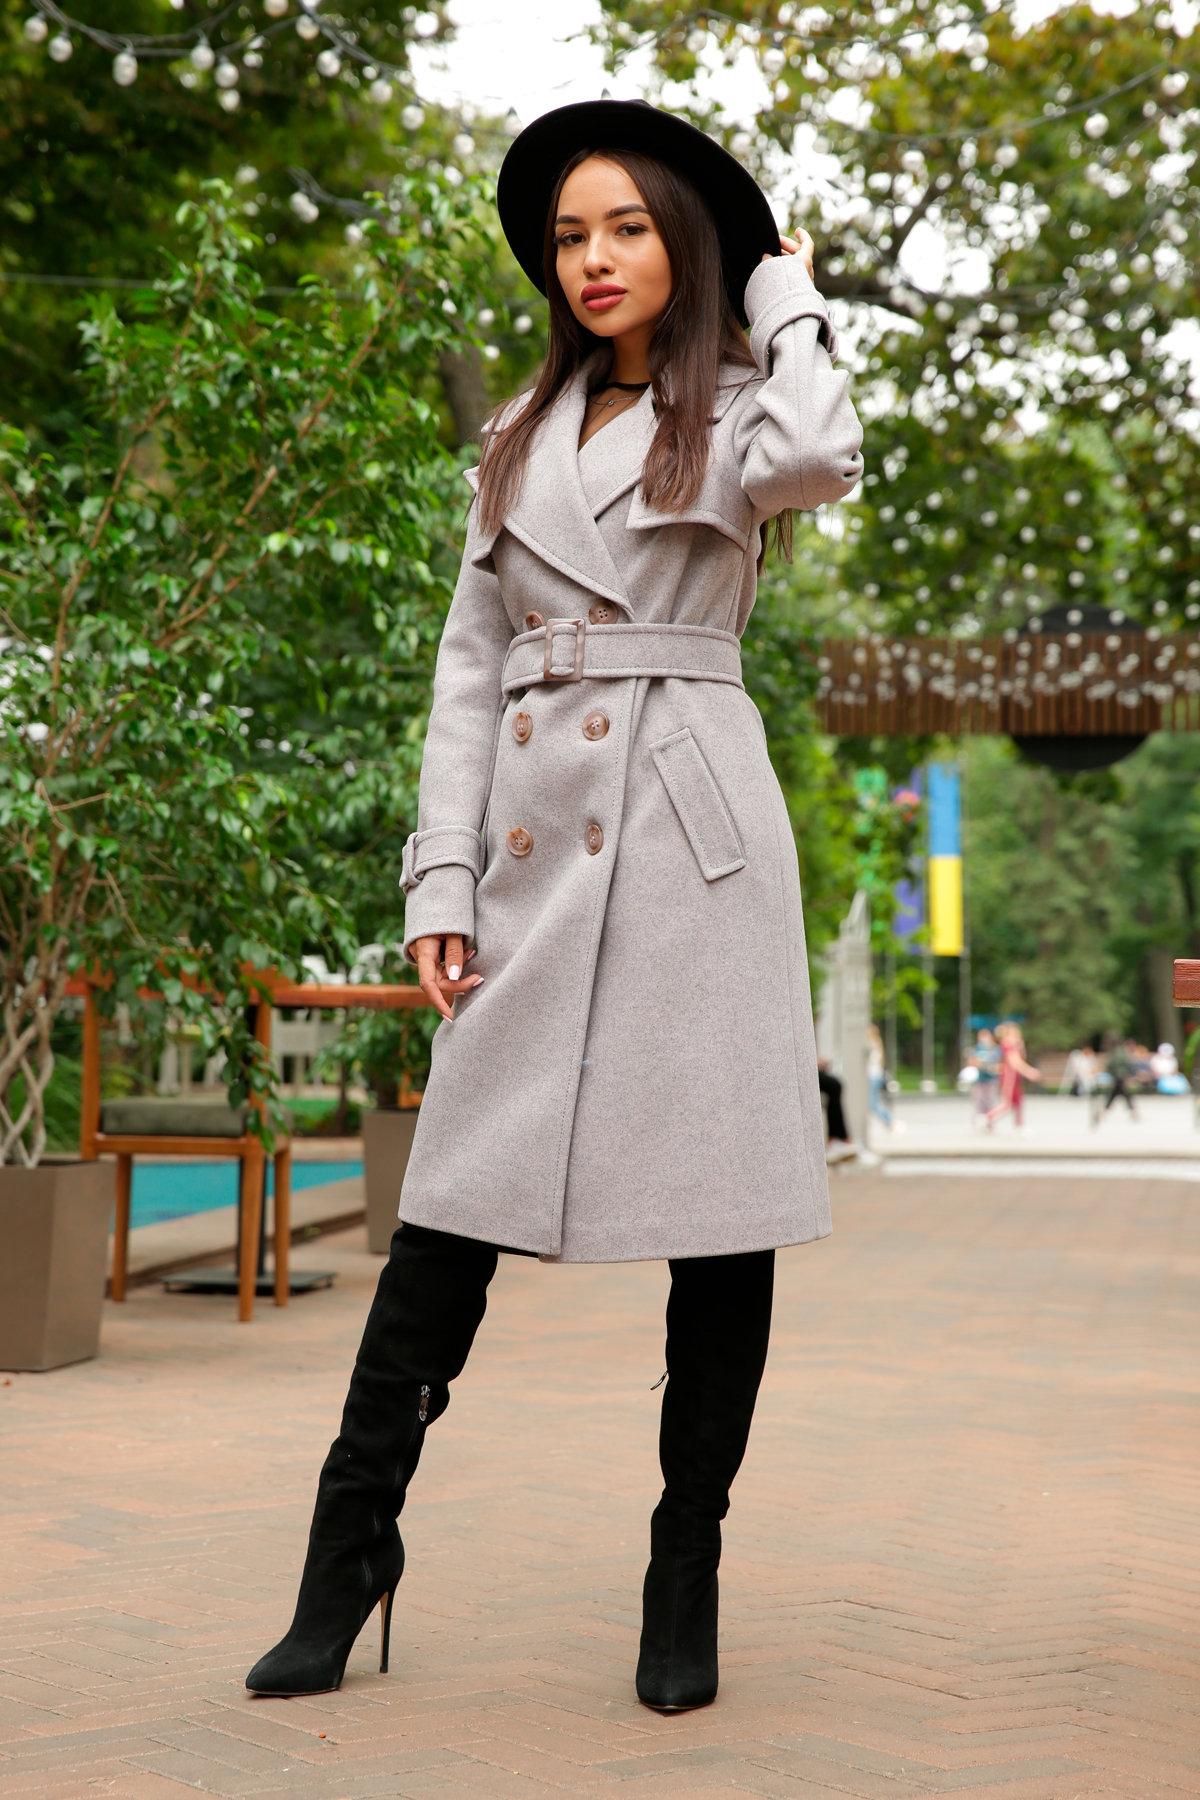 Двубортное пальто демисезон Монте 8089 АРТ. 44031 Цвет: Серый-розовый - фото 7, интернет магазин tm-modus.ru